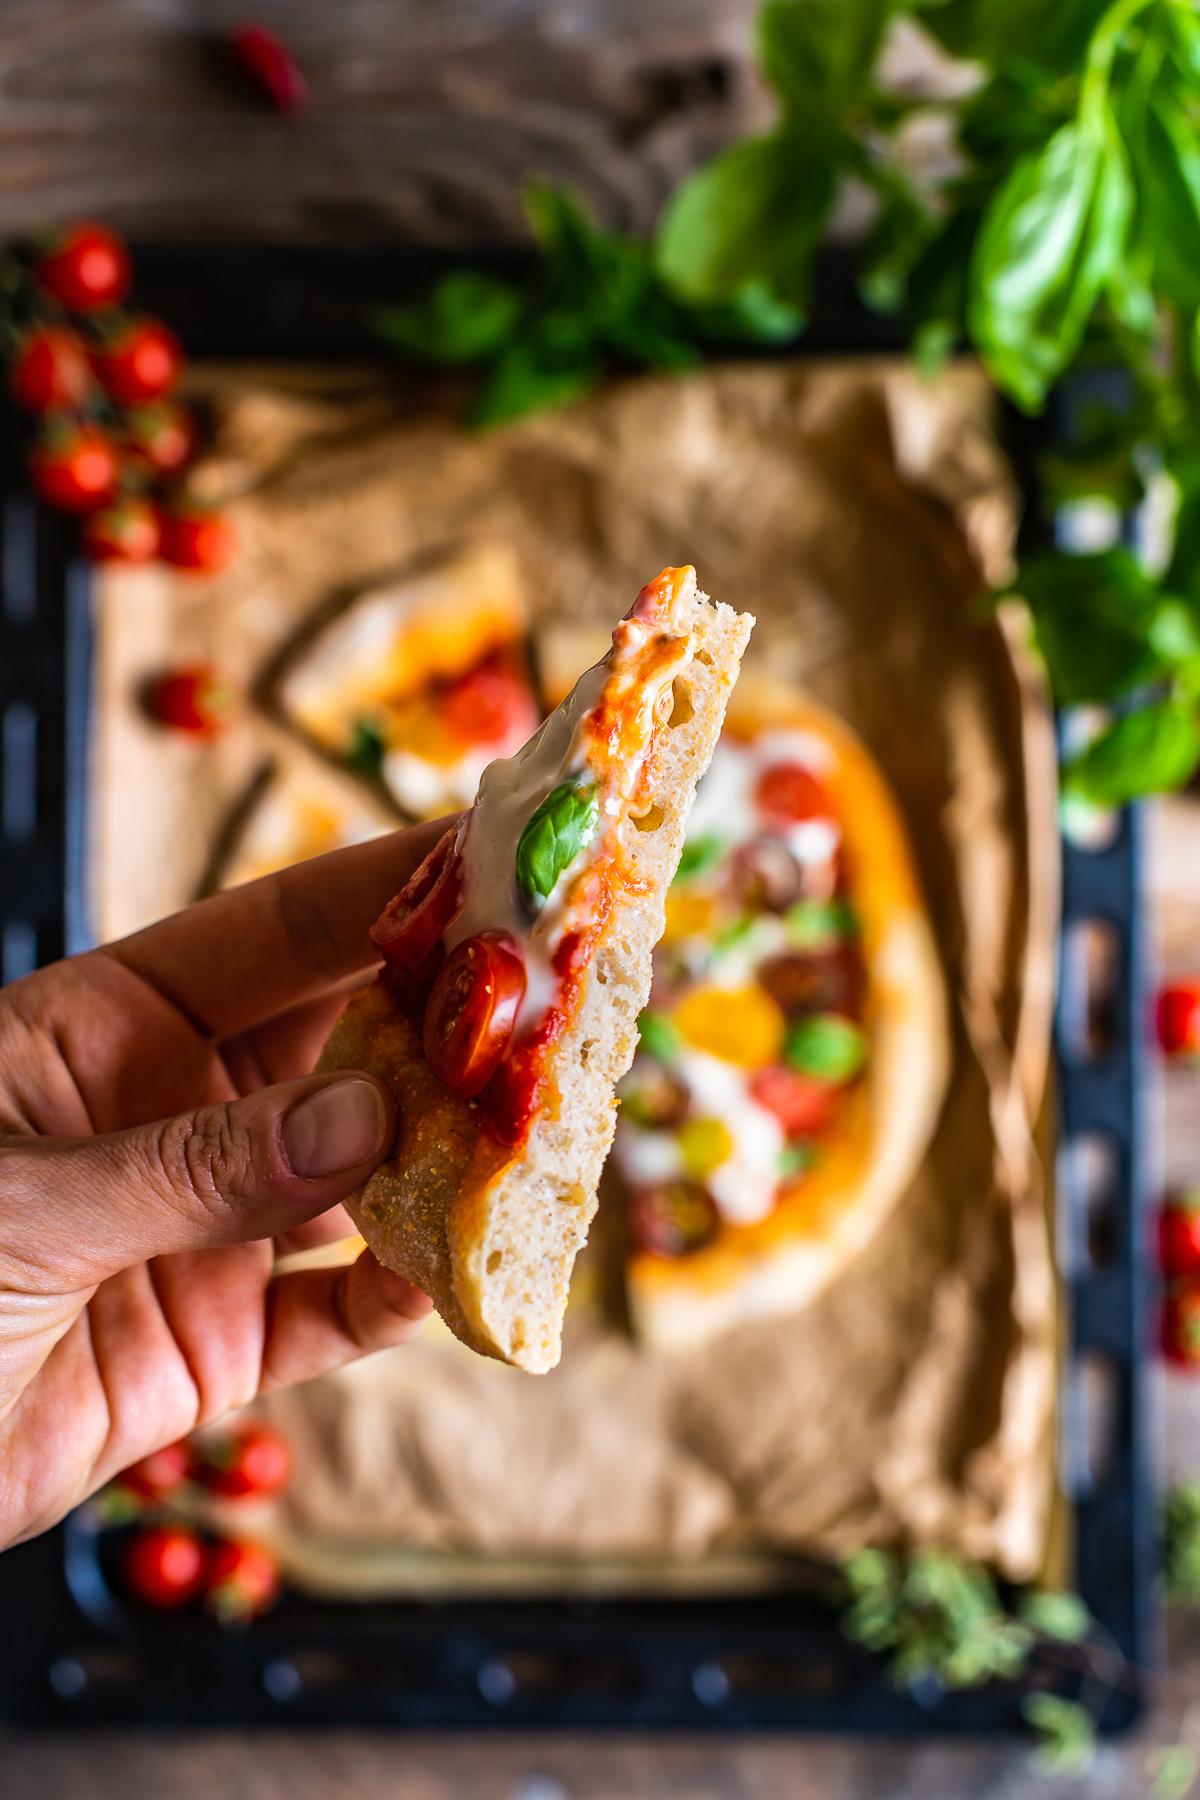 How to make VEGAN SPELT PIZZA with VEGAN MOZZARELLA SAUCE simple easyno knead #pizza PIZZA di FARRO a lunga lievitazione PIZZA VEGAN con SALSA MOZZARELLA VEGAN